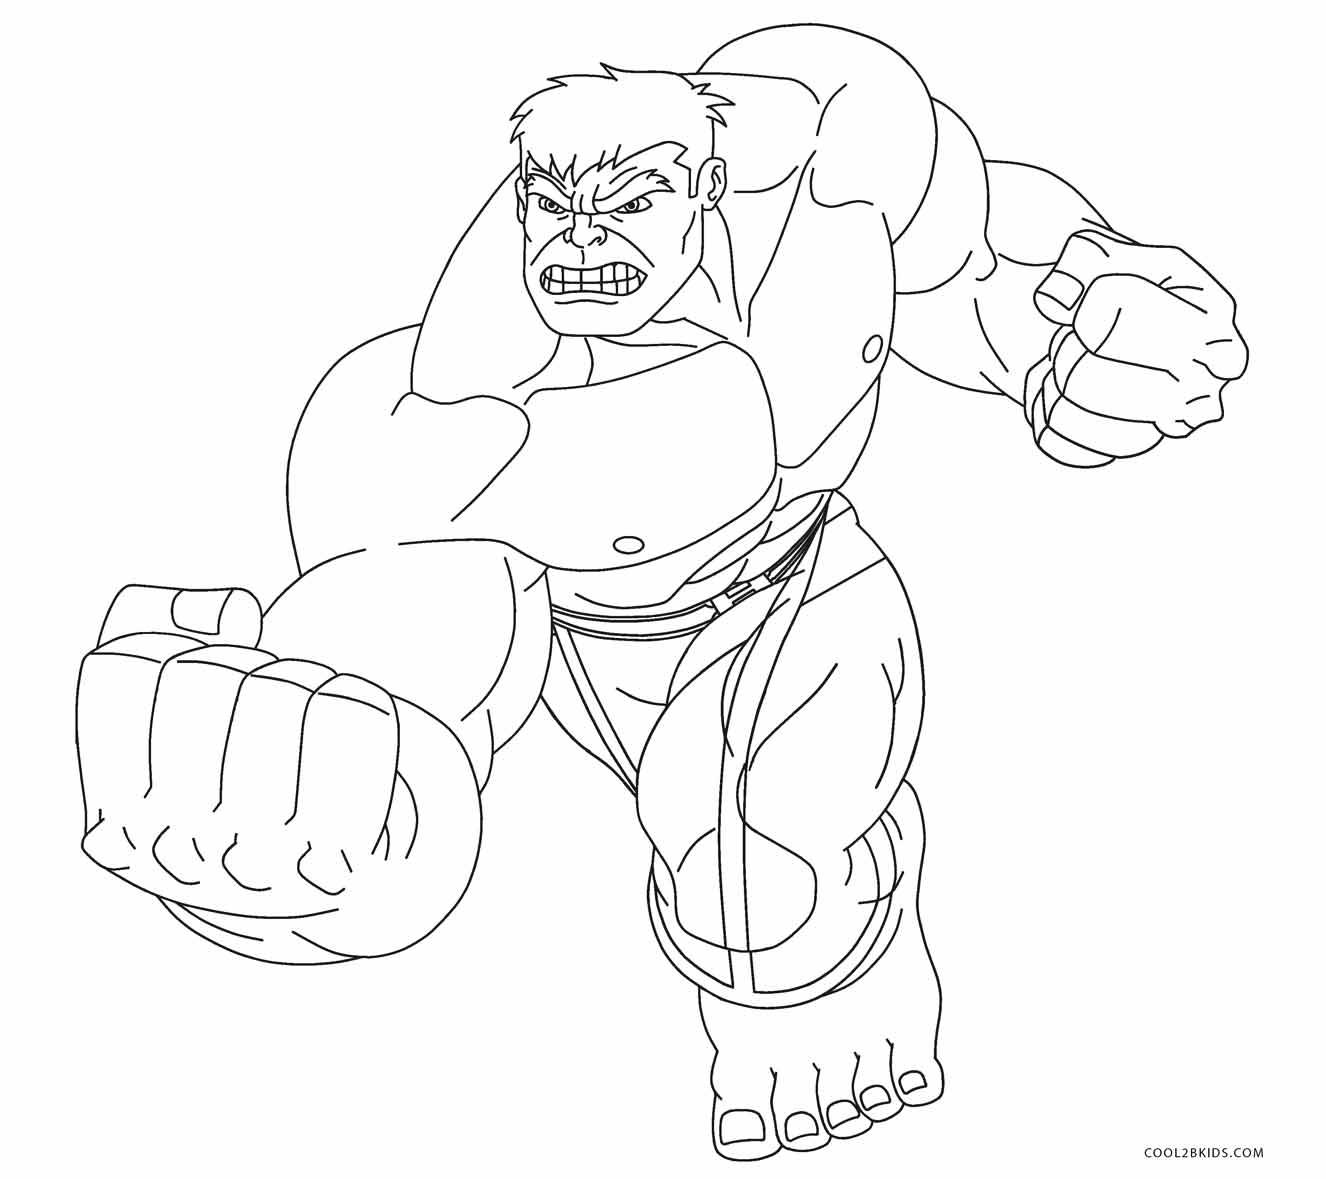 Ausmalbilder Hulk - Malvorlagen kostenlos zum ausdrucken